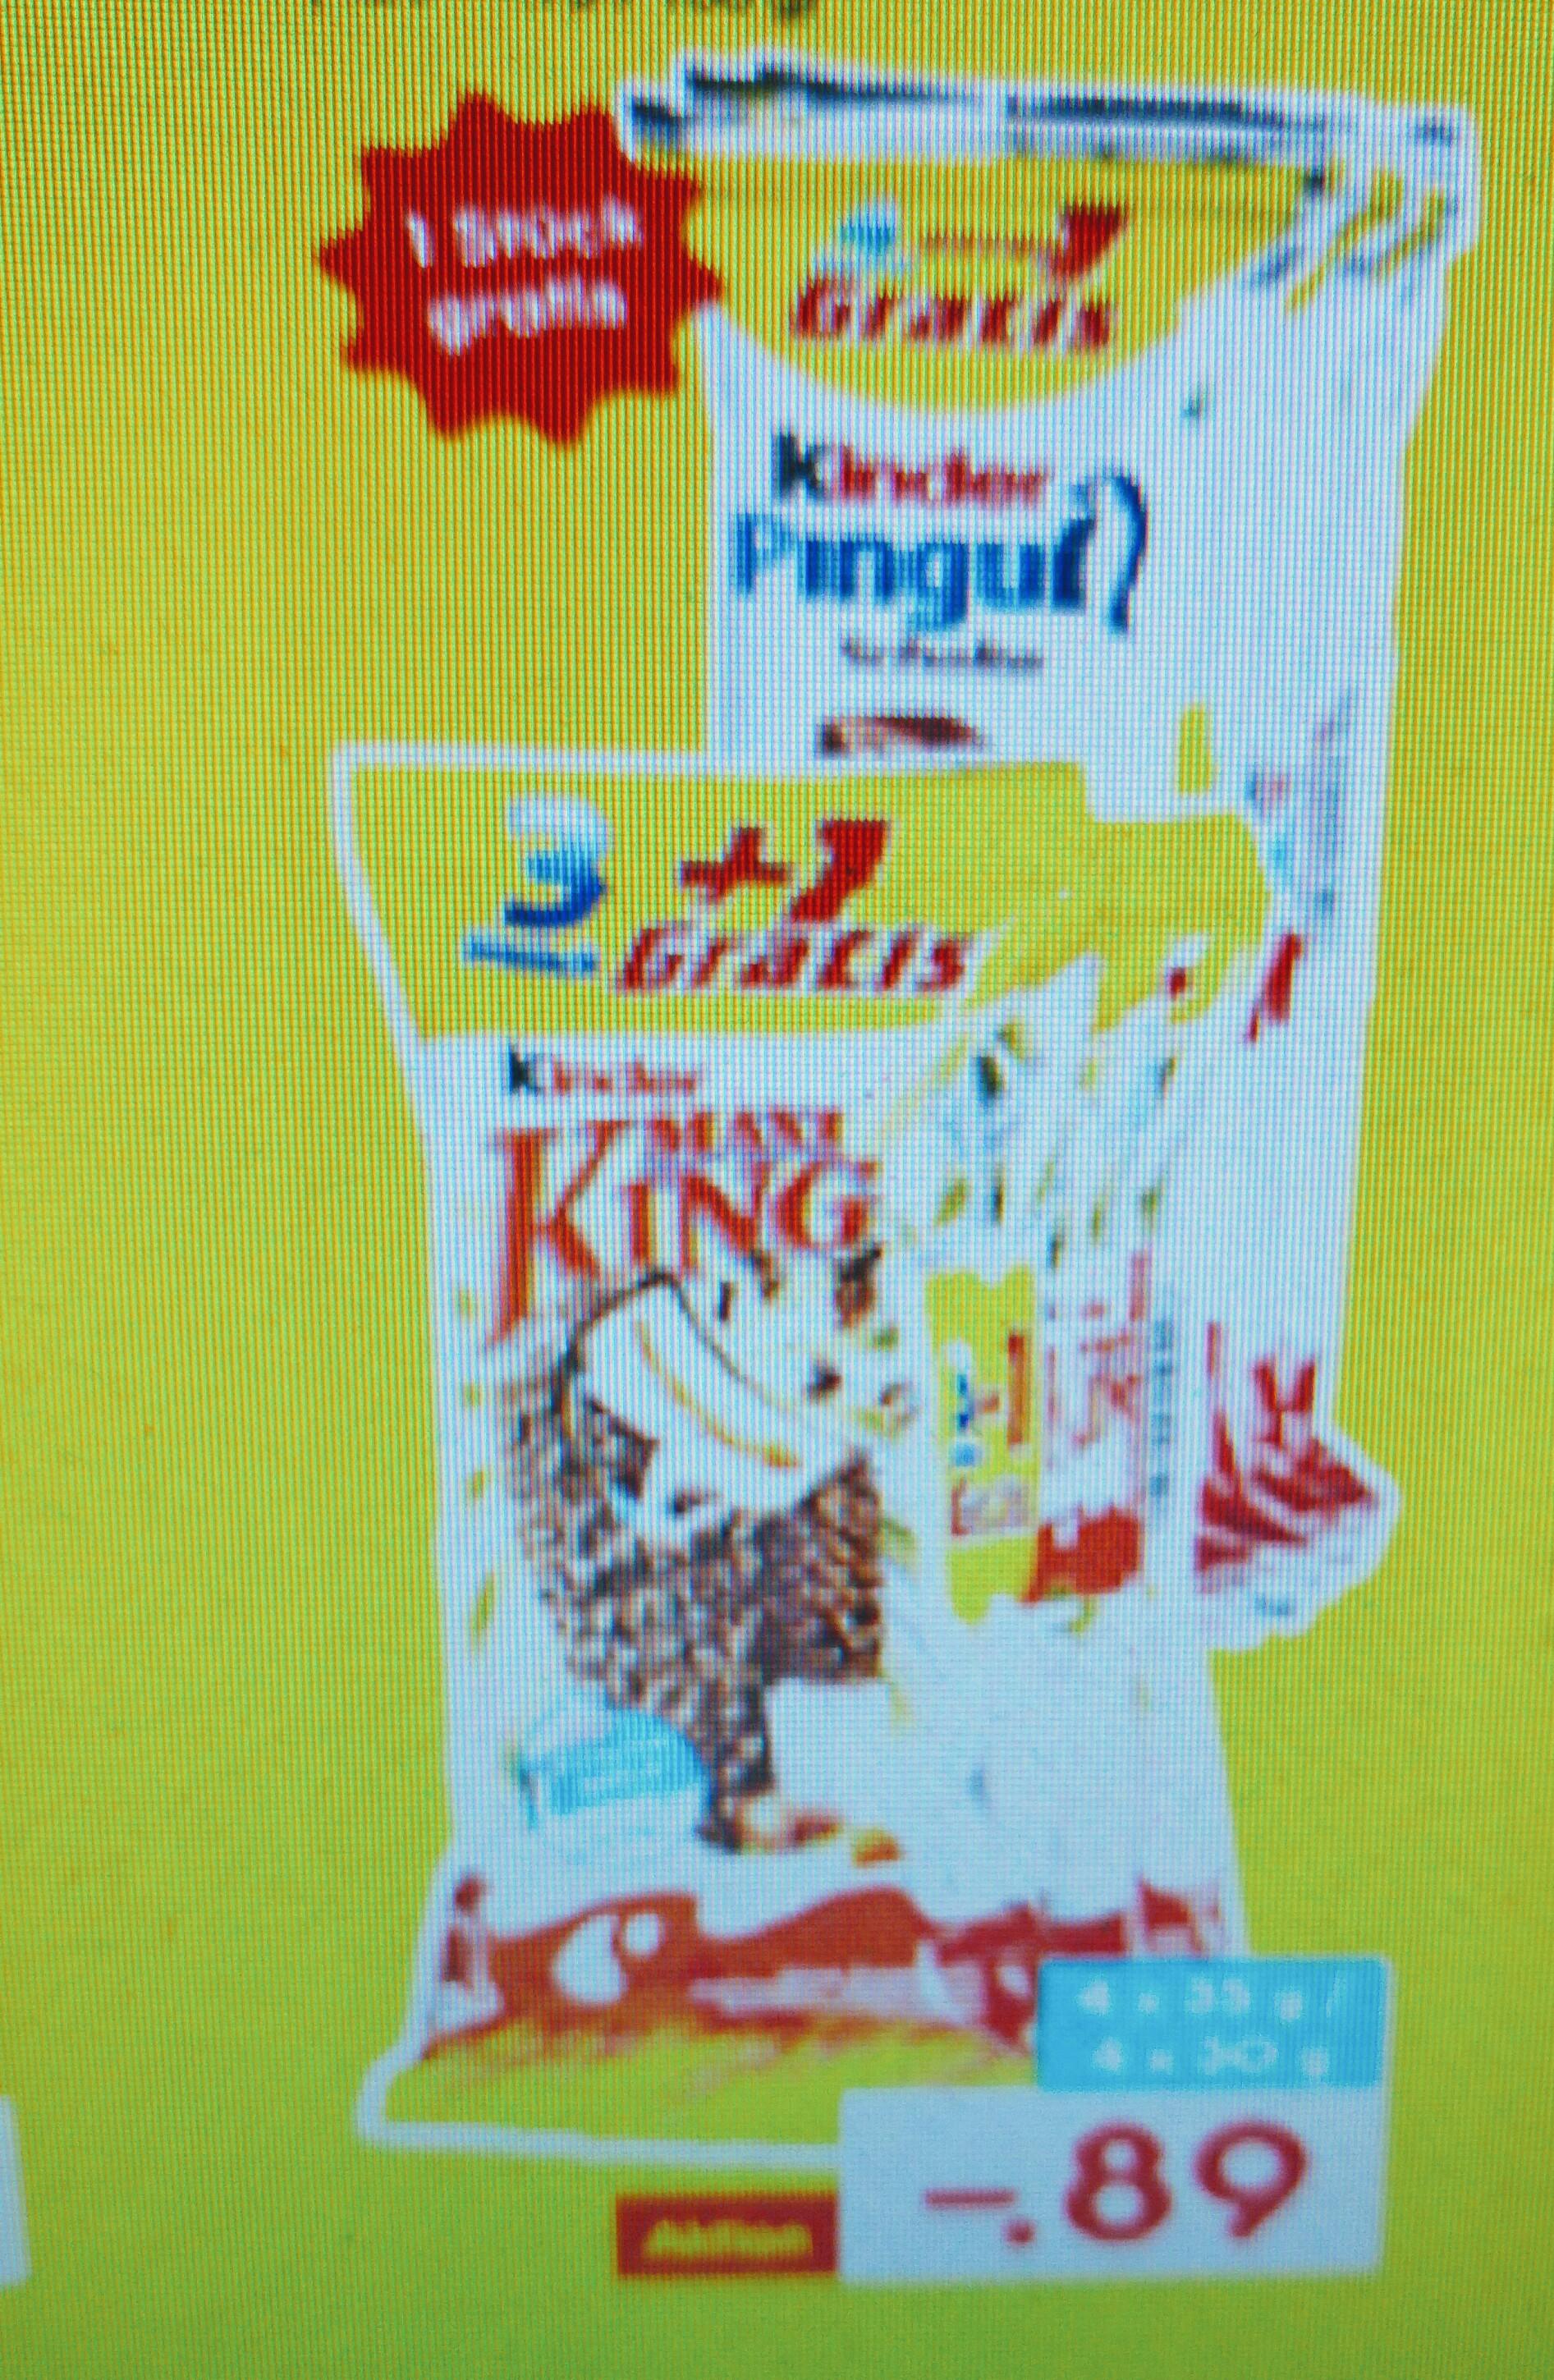 Maxi King 3+1 Packung für 0,89€ ab 21.11.16 bei Netto